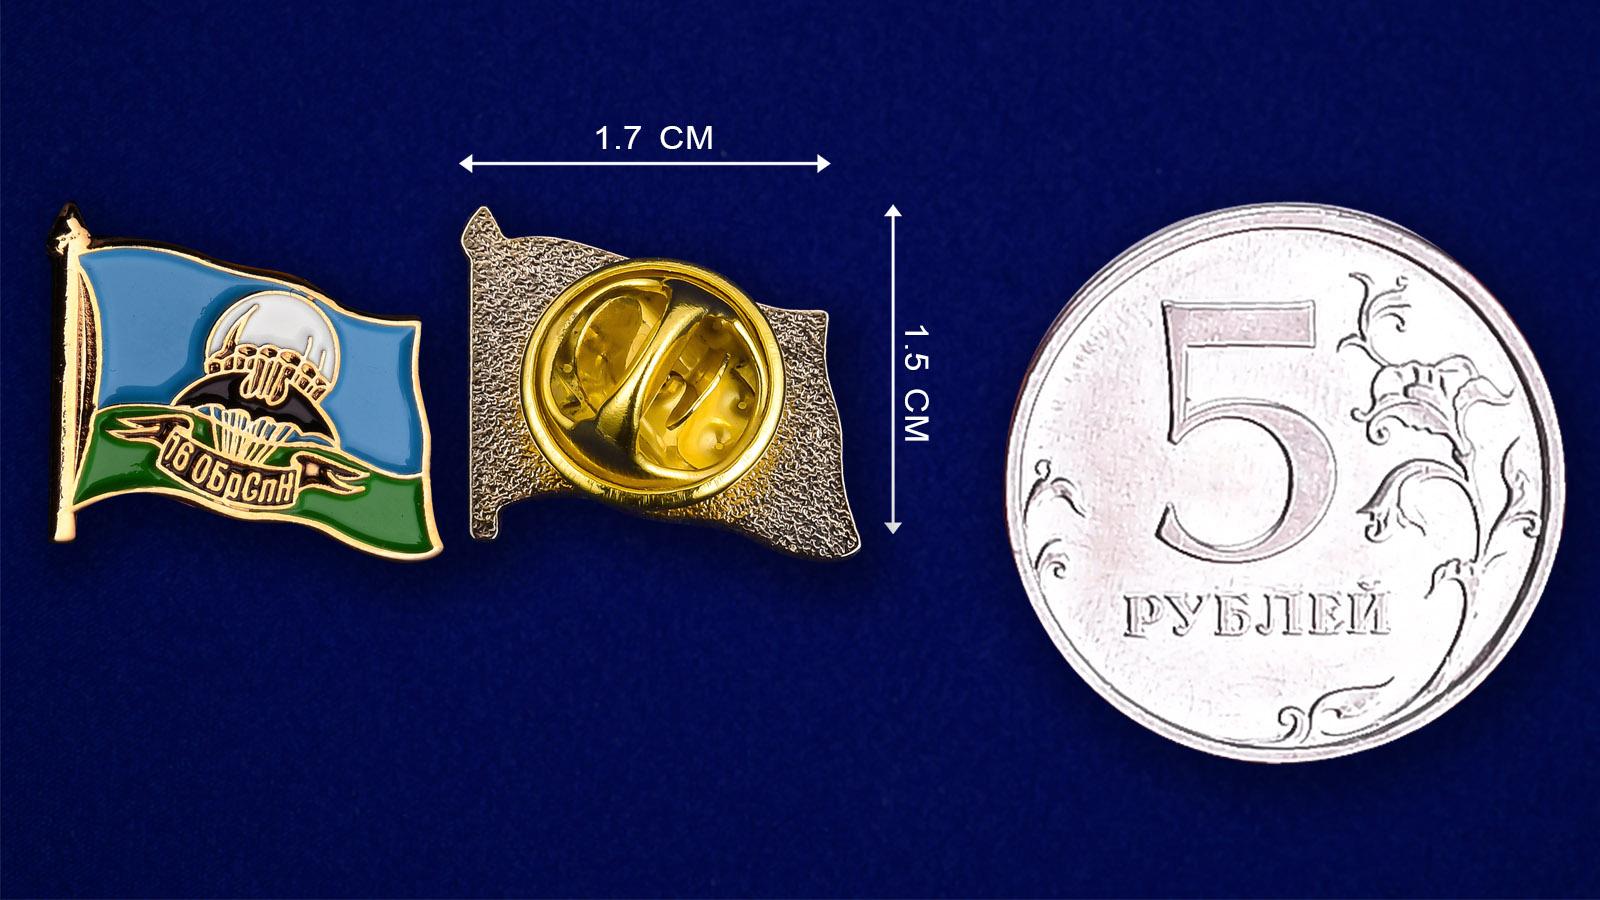 Значок 16 ОБрСпН ГРУ-сравнительный размер